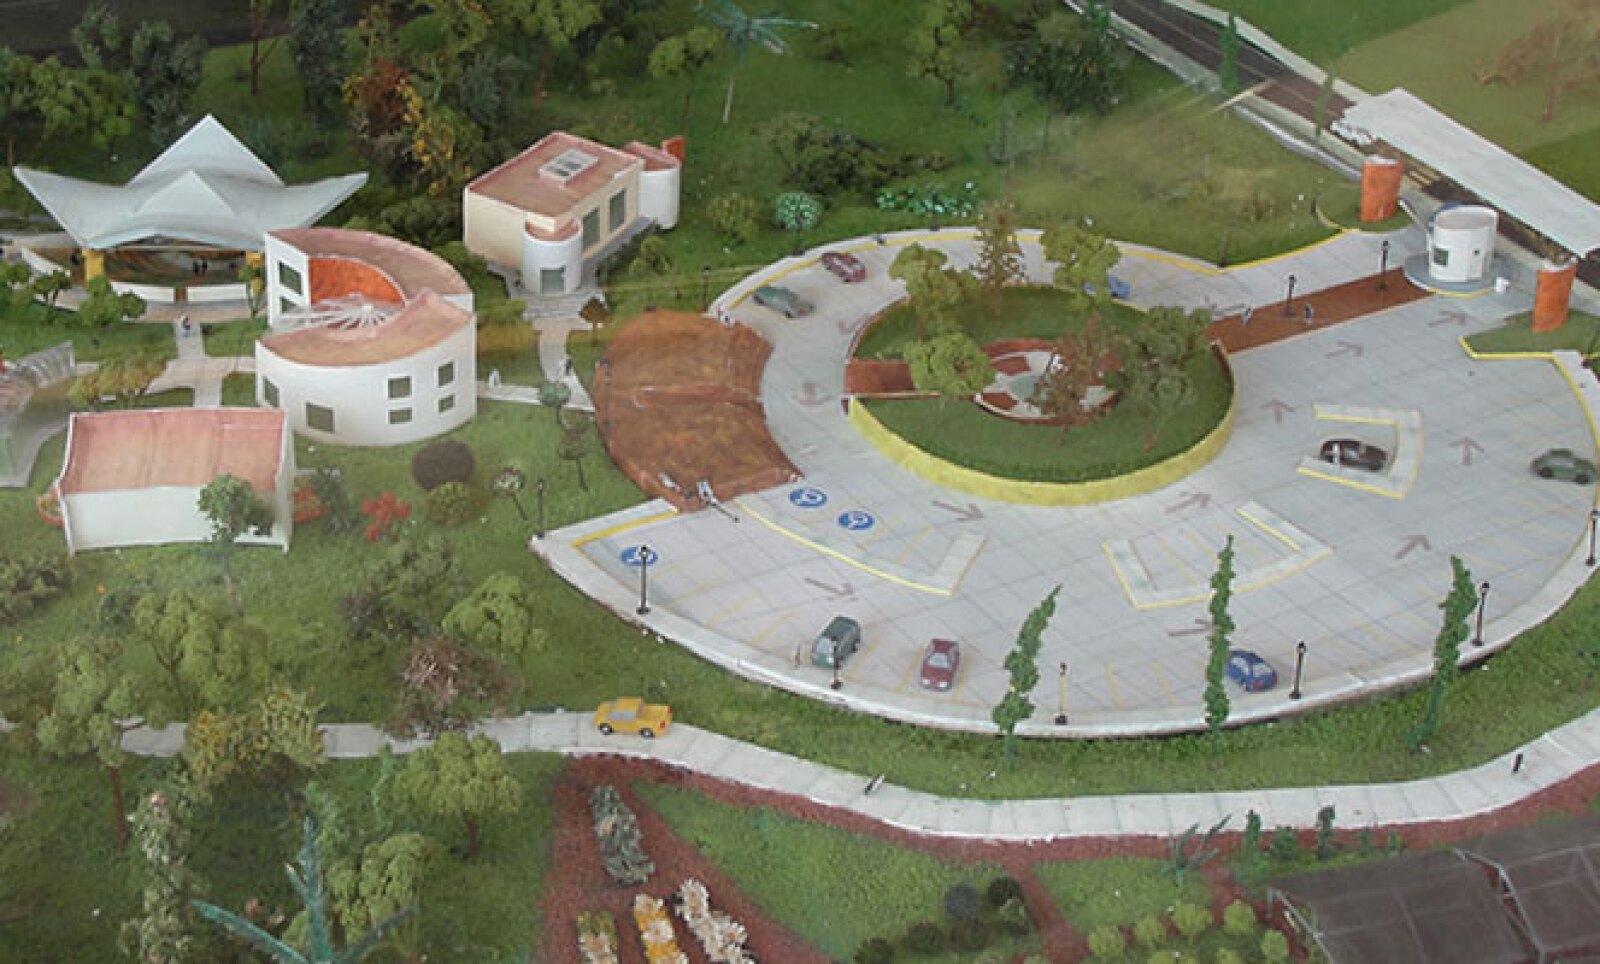 Las instalaciones educativas y recreativas de Jaguaroundi se inauguraron en abril pasado, ofreciendo a los visitantes un salón de usos múltiples, un auditorio, un museo, una tienda, así como  espacios de esparcimiento e investigación